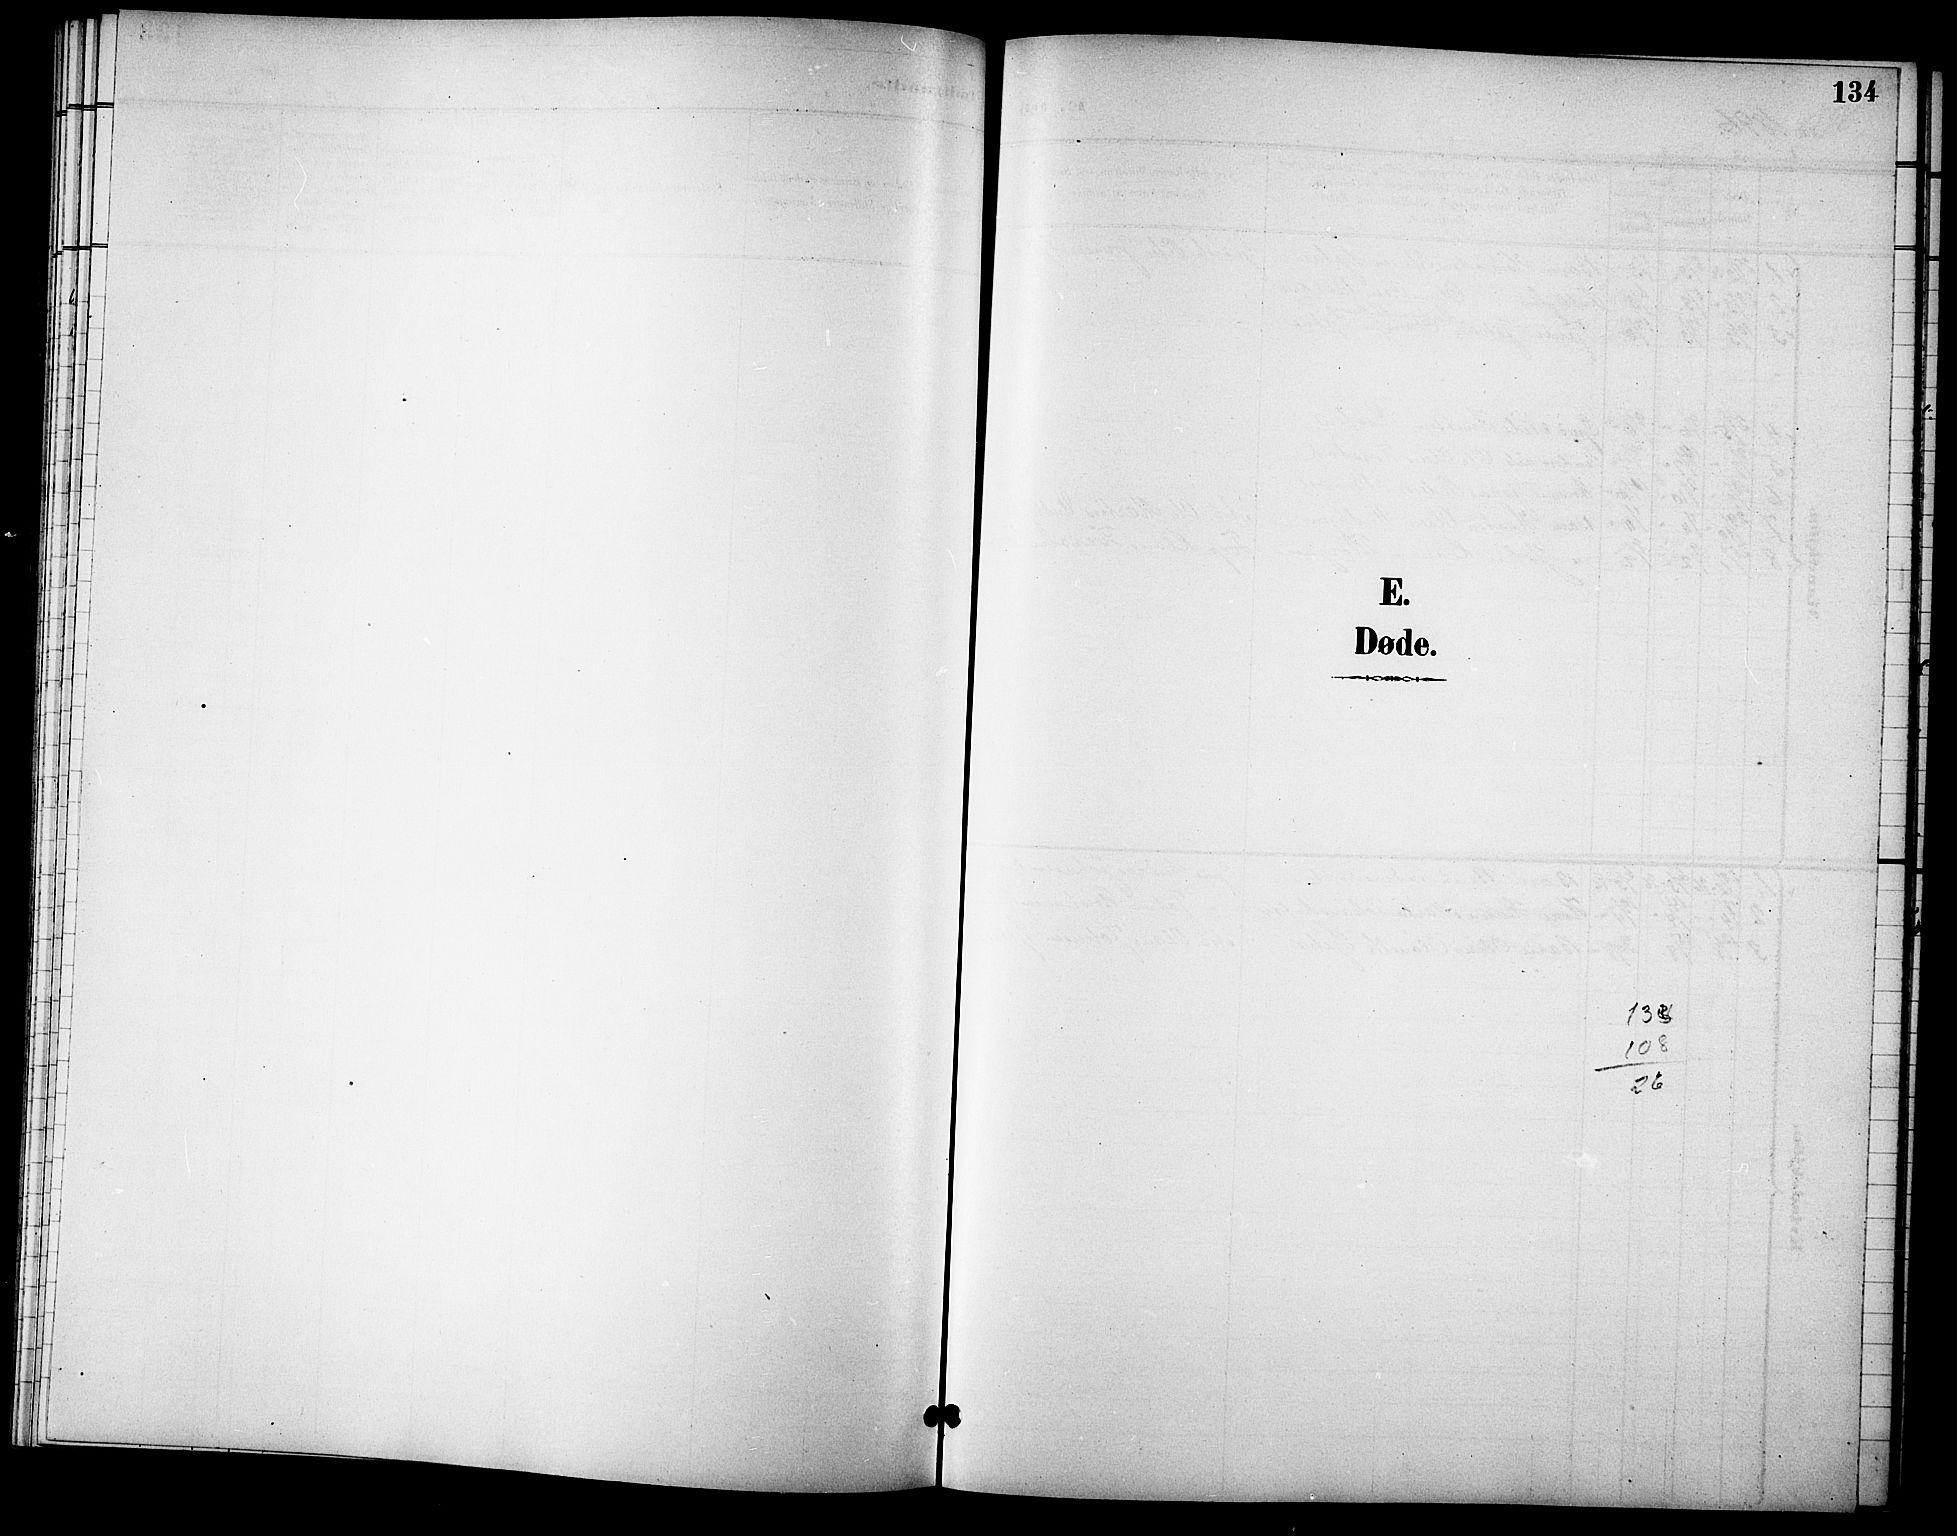 SAT, Ministerialprotokoller, klokkerbøker og fødselsregistre - Sør-Trøndelag, 621/L0460: Klokkerbok nr. 621C03, 1896-1914, s. 134